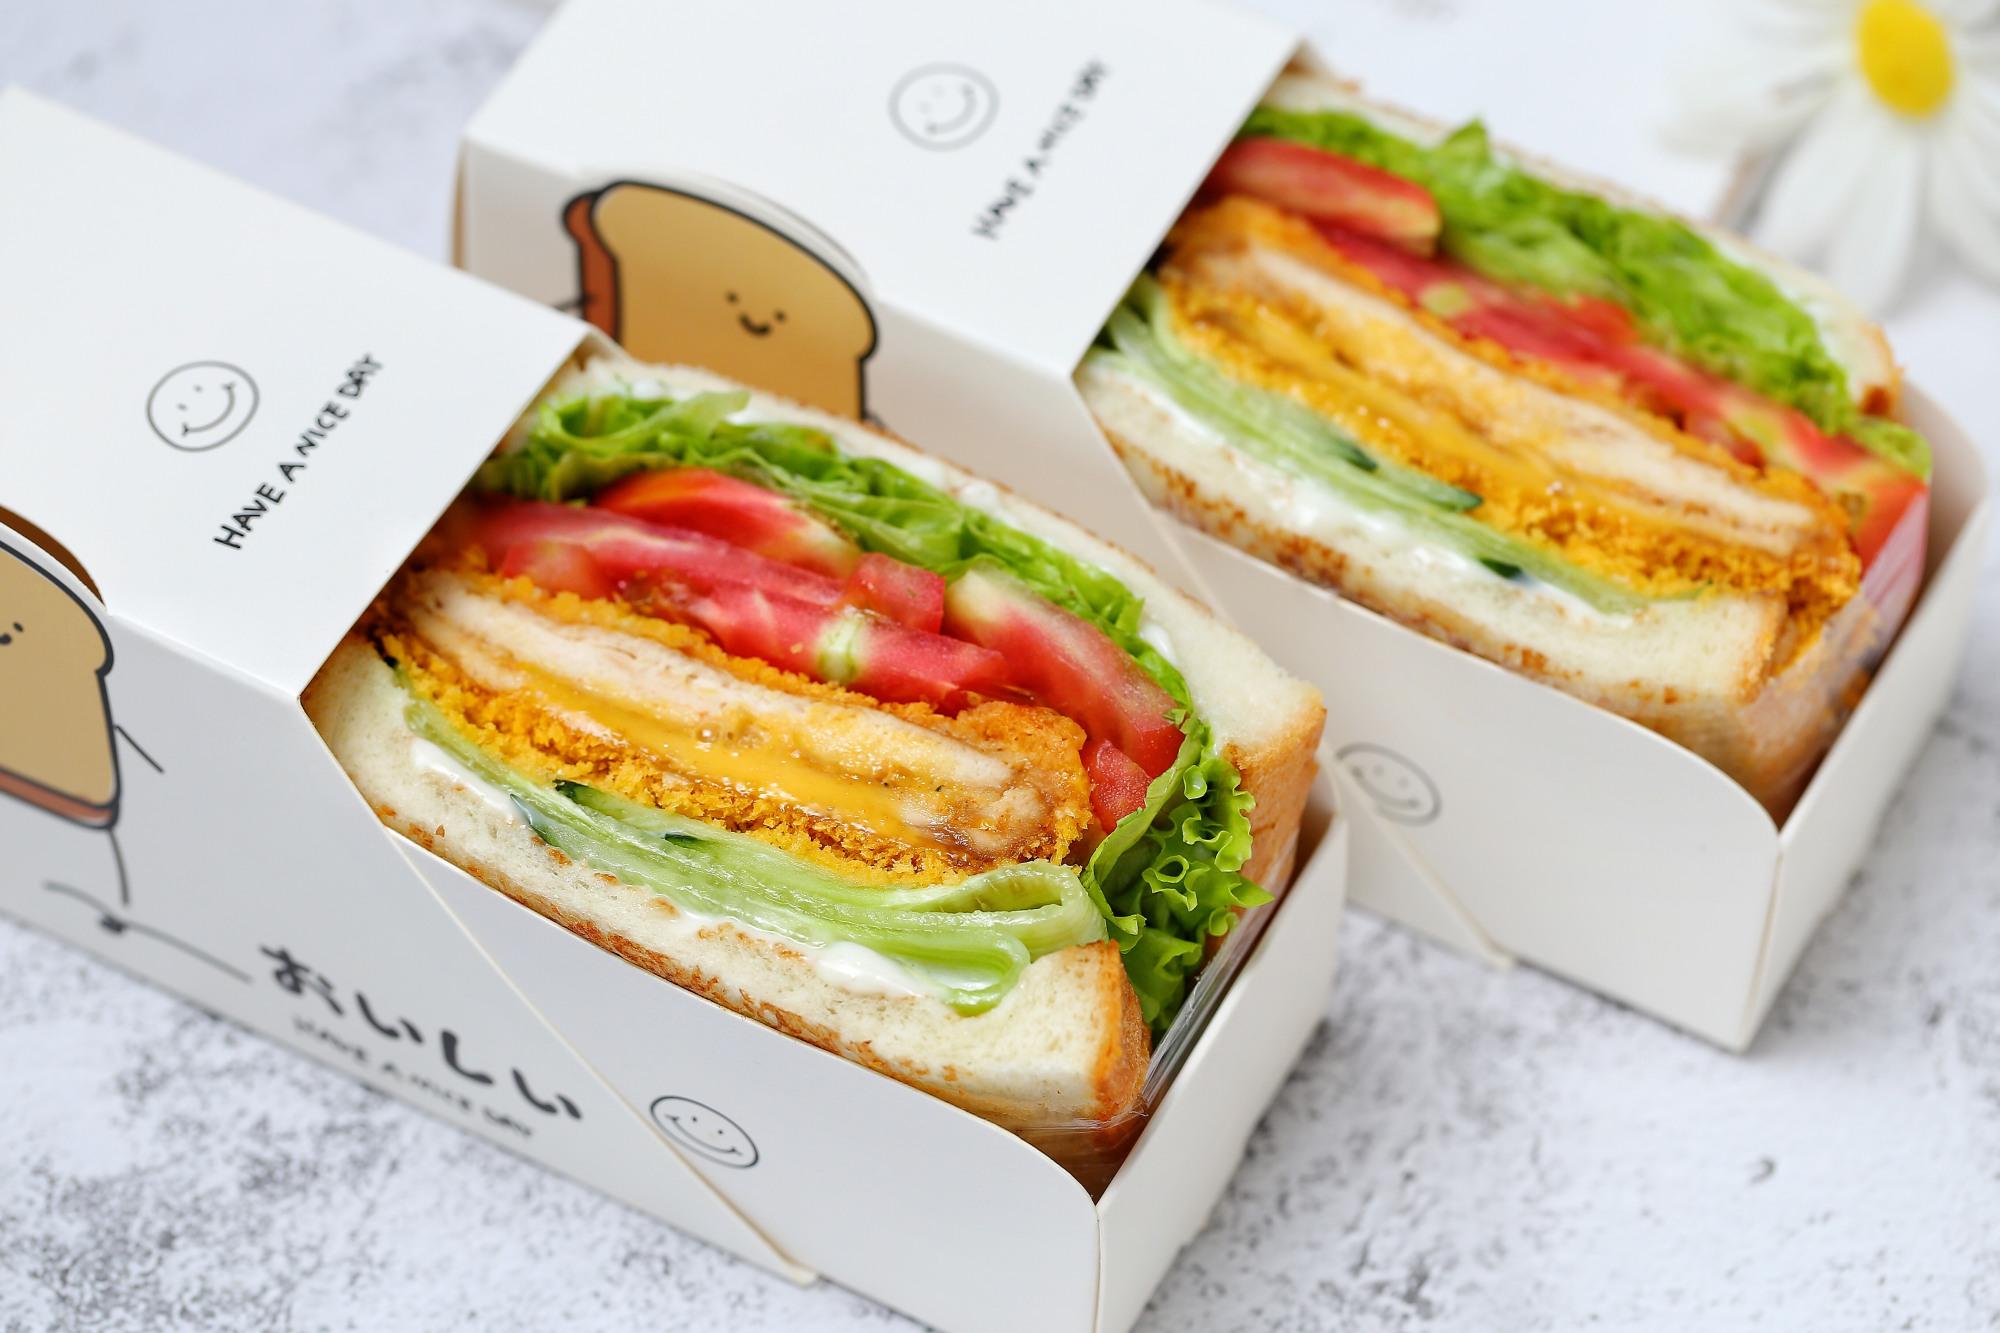 自制无油爆浆鸡排三明治,干净卫生比外卖健康,少花钱吃得还过瘾 美食做法 第1张